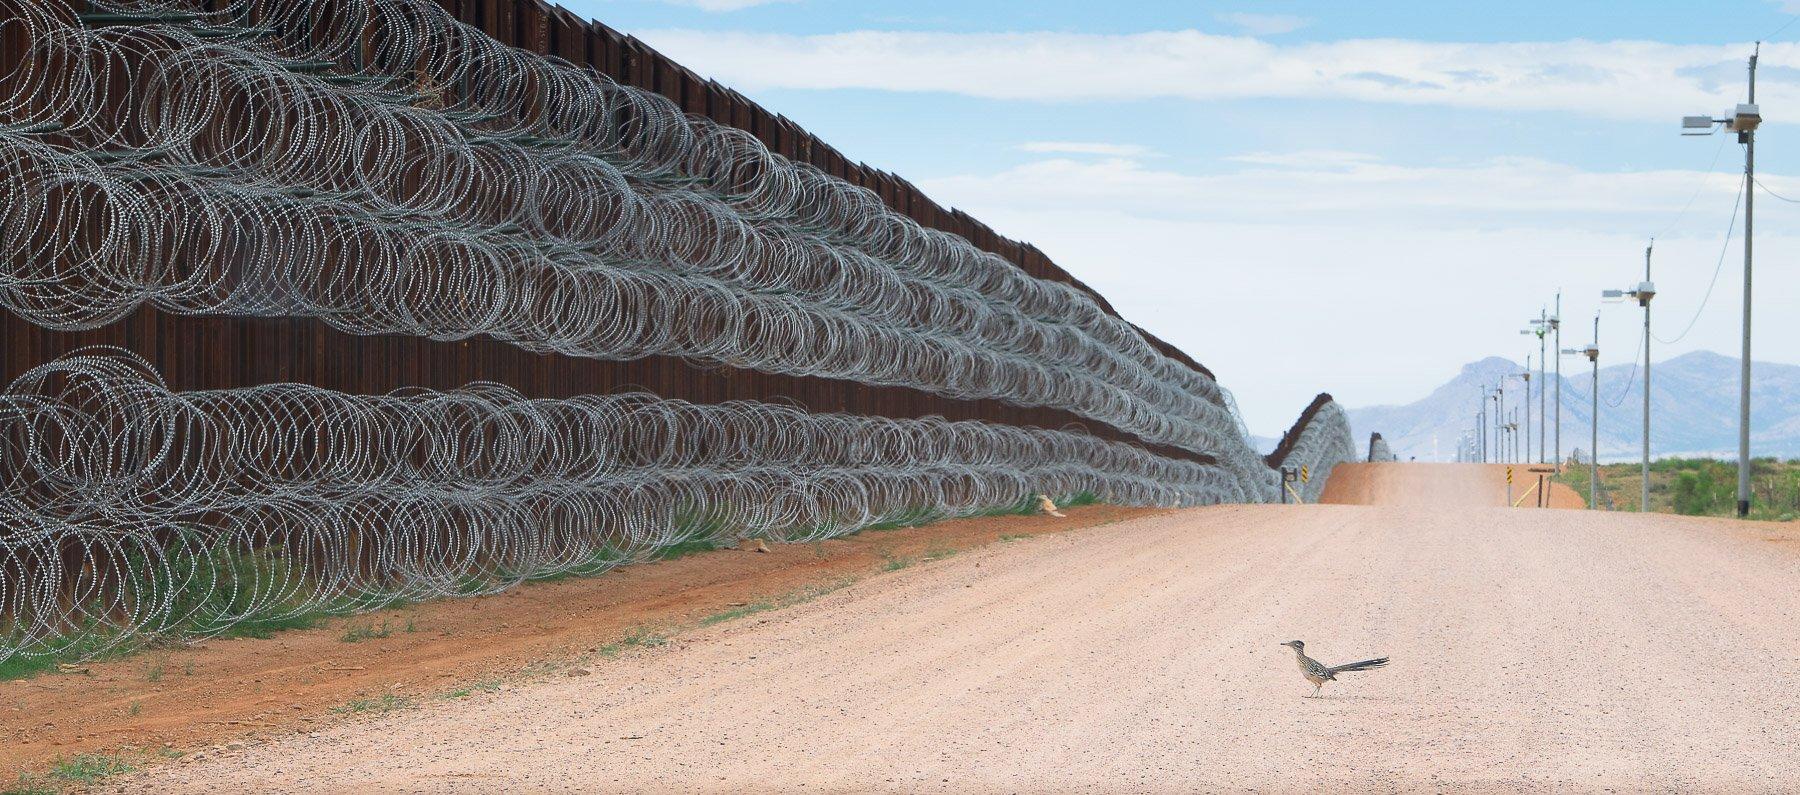 Ptica trkačica zaustavila se pored zida koji predstavlja granicu između Sjedinjenih Američkih Država i Meksika